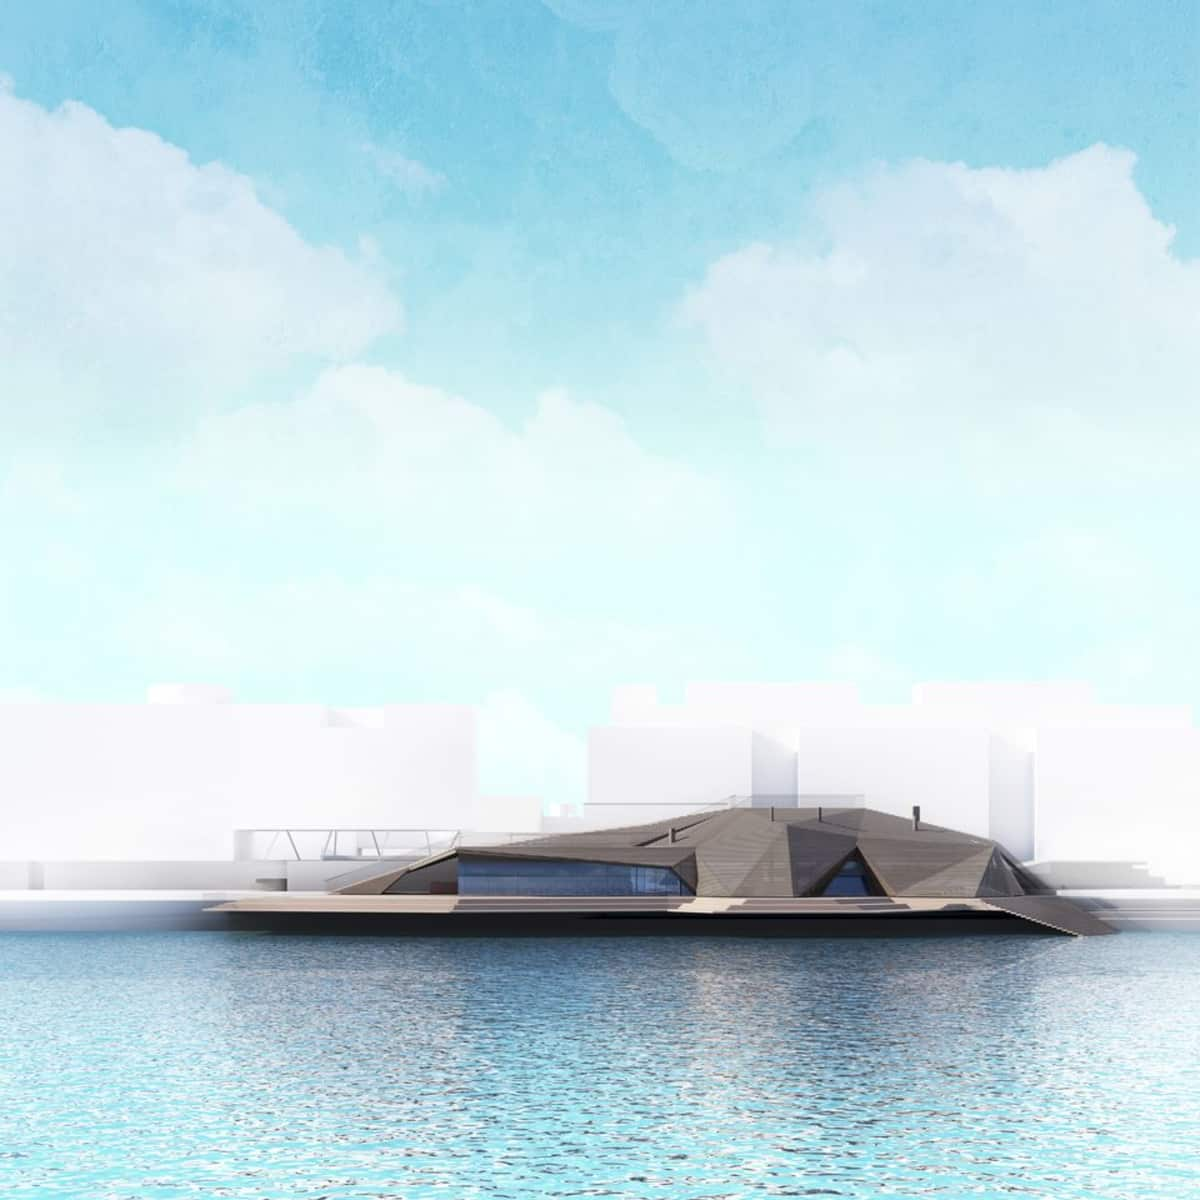 Sauna- ja ravintolarakennuksen havainnekuva mereltä päin.